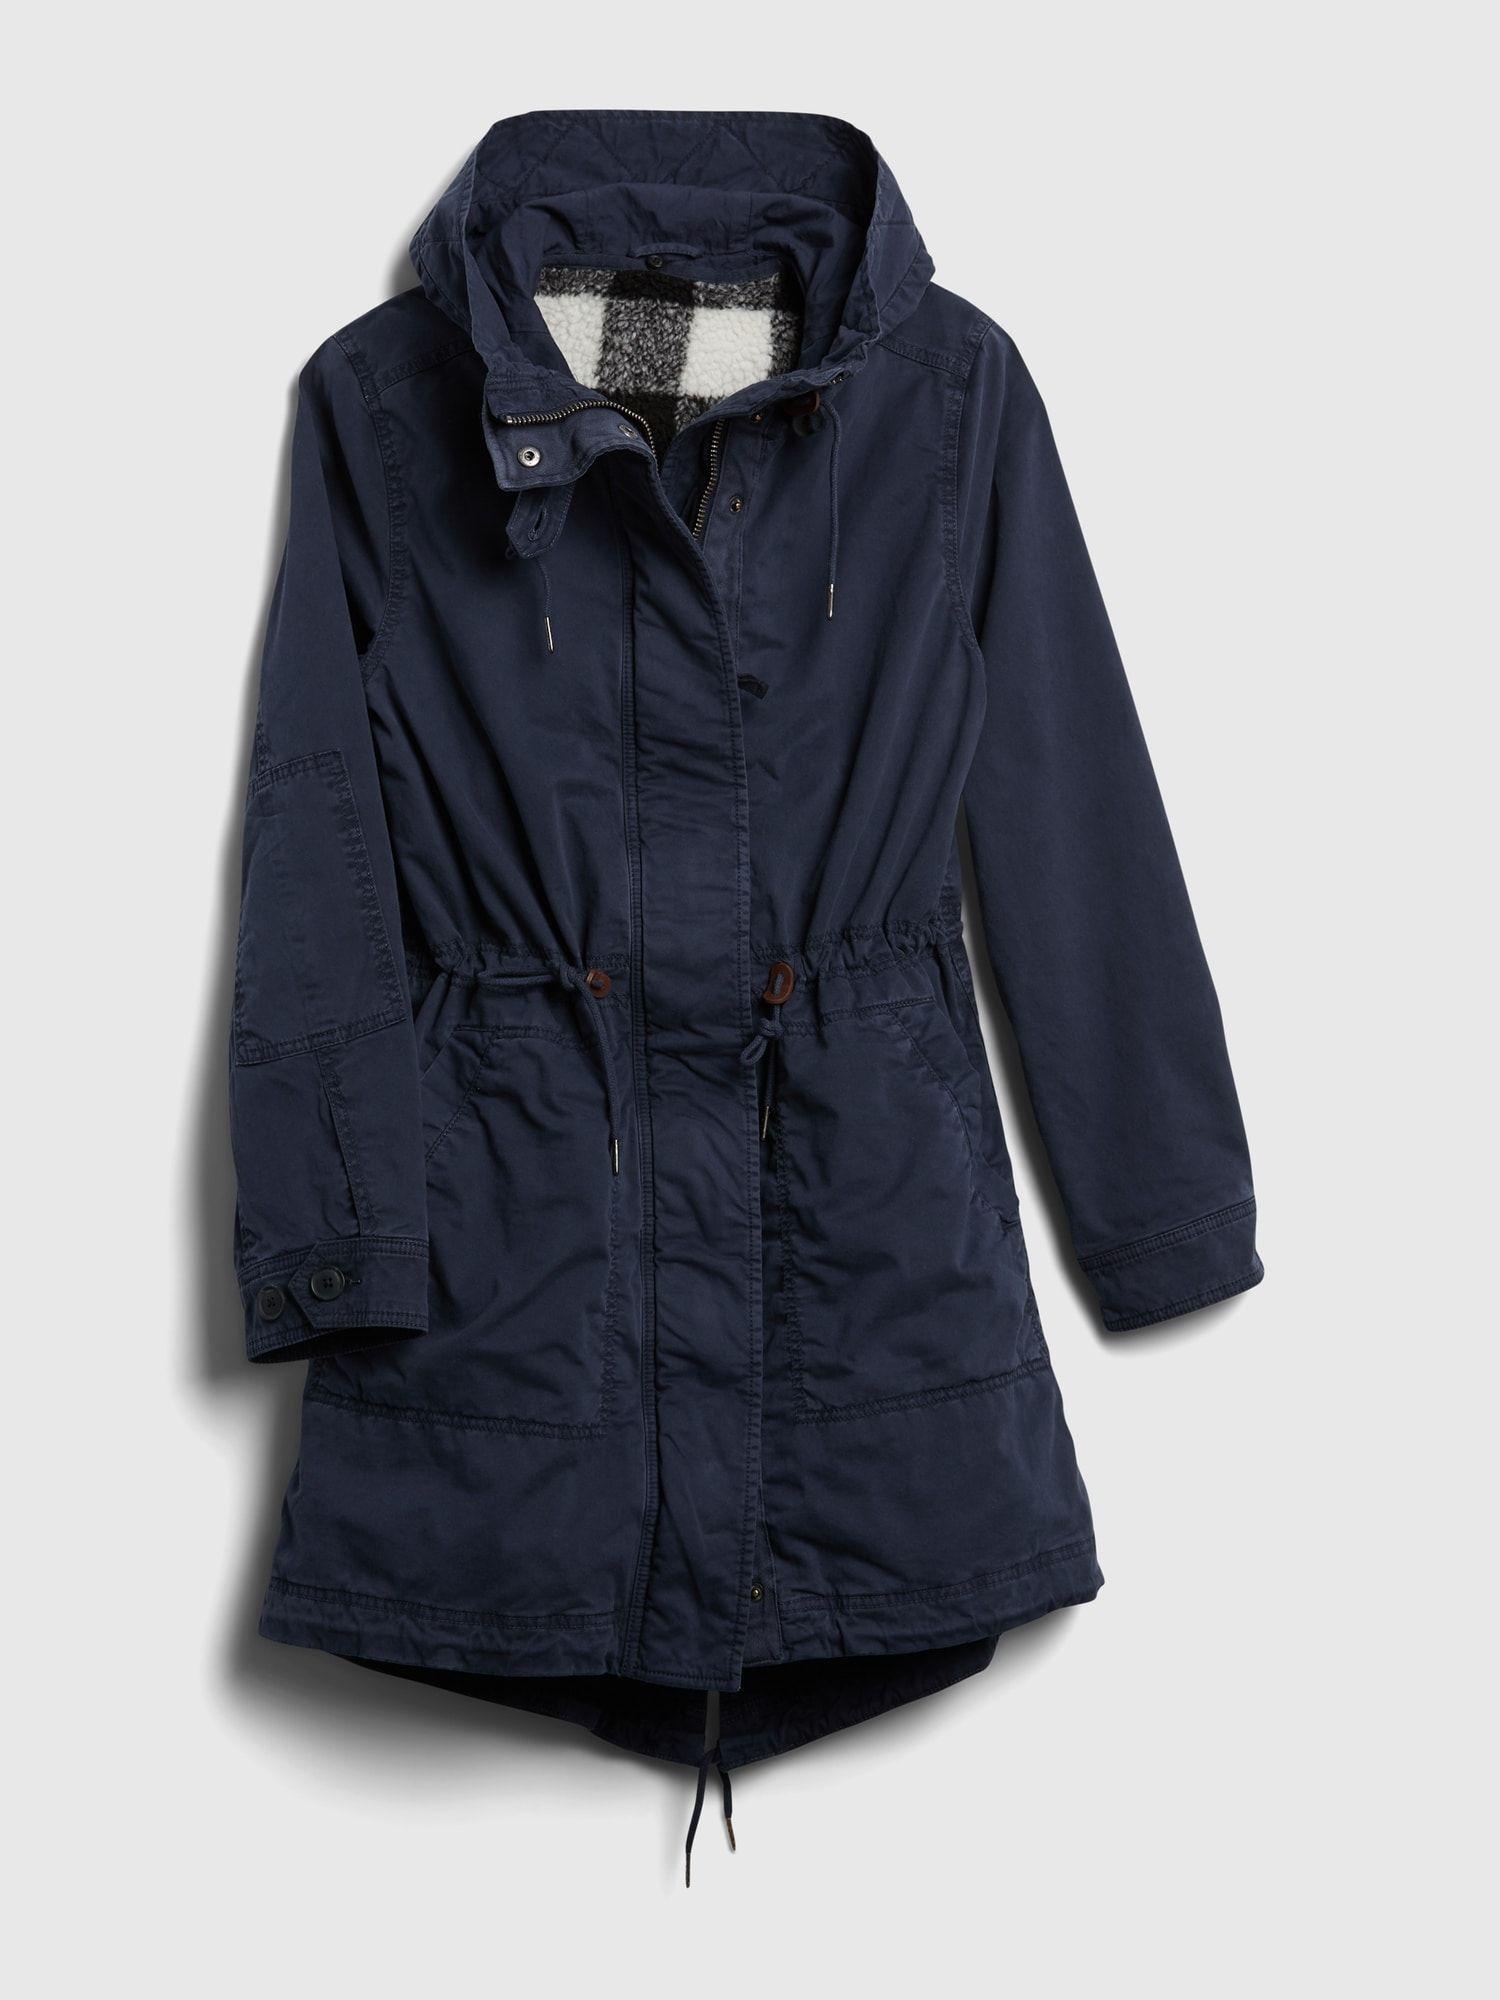 Utility Parka Jacket Parka Jacket Jackets Comfy Outfits Winter [ 2000 x 1500 Pixel ]